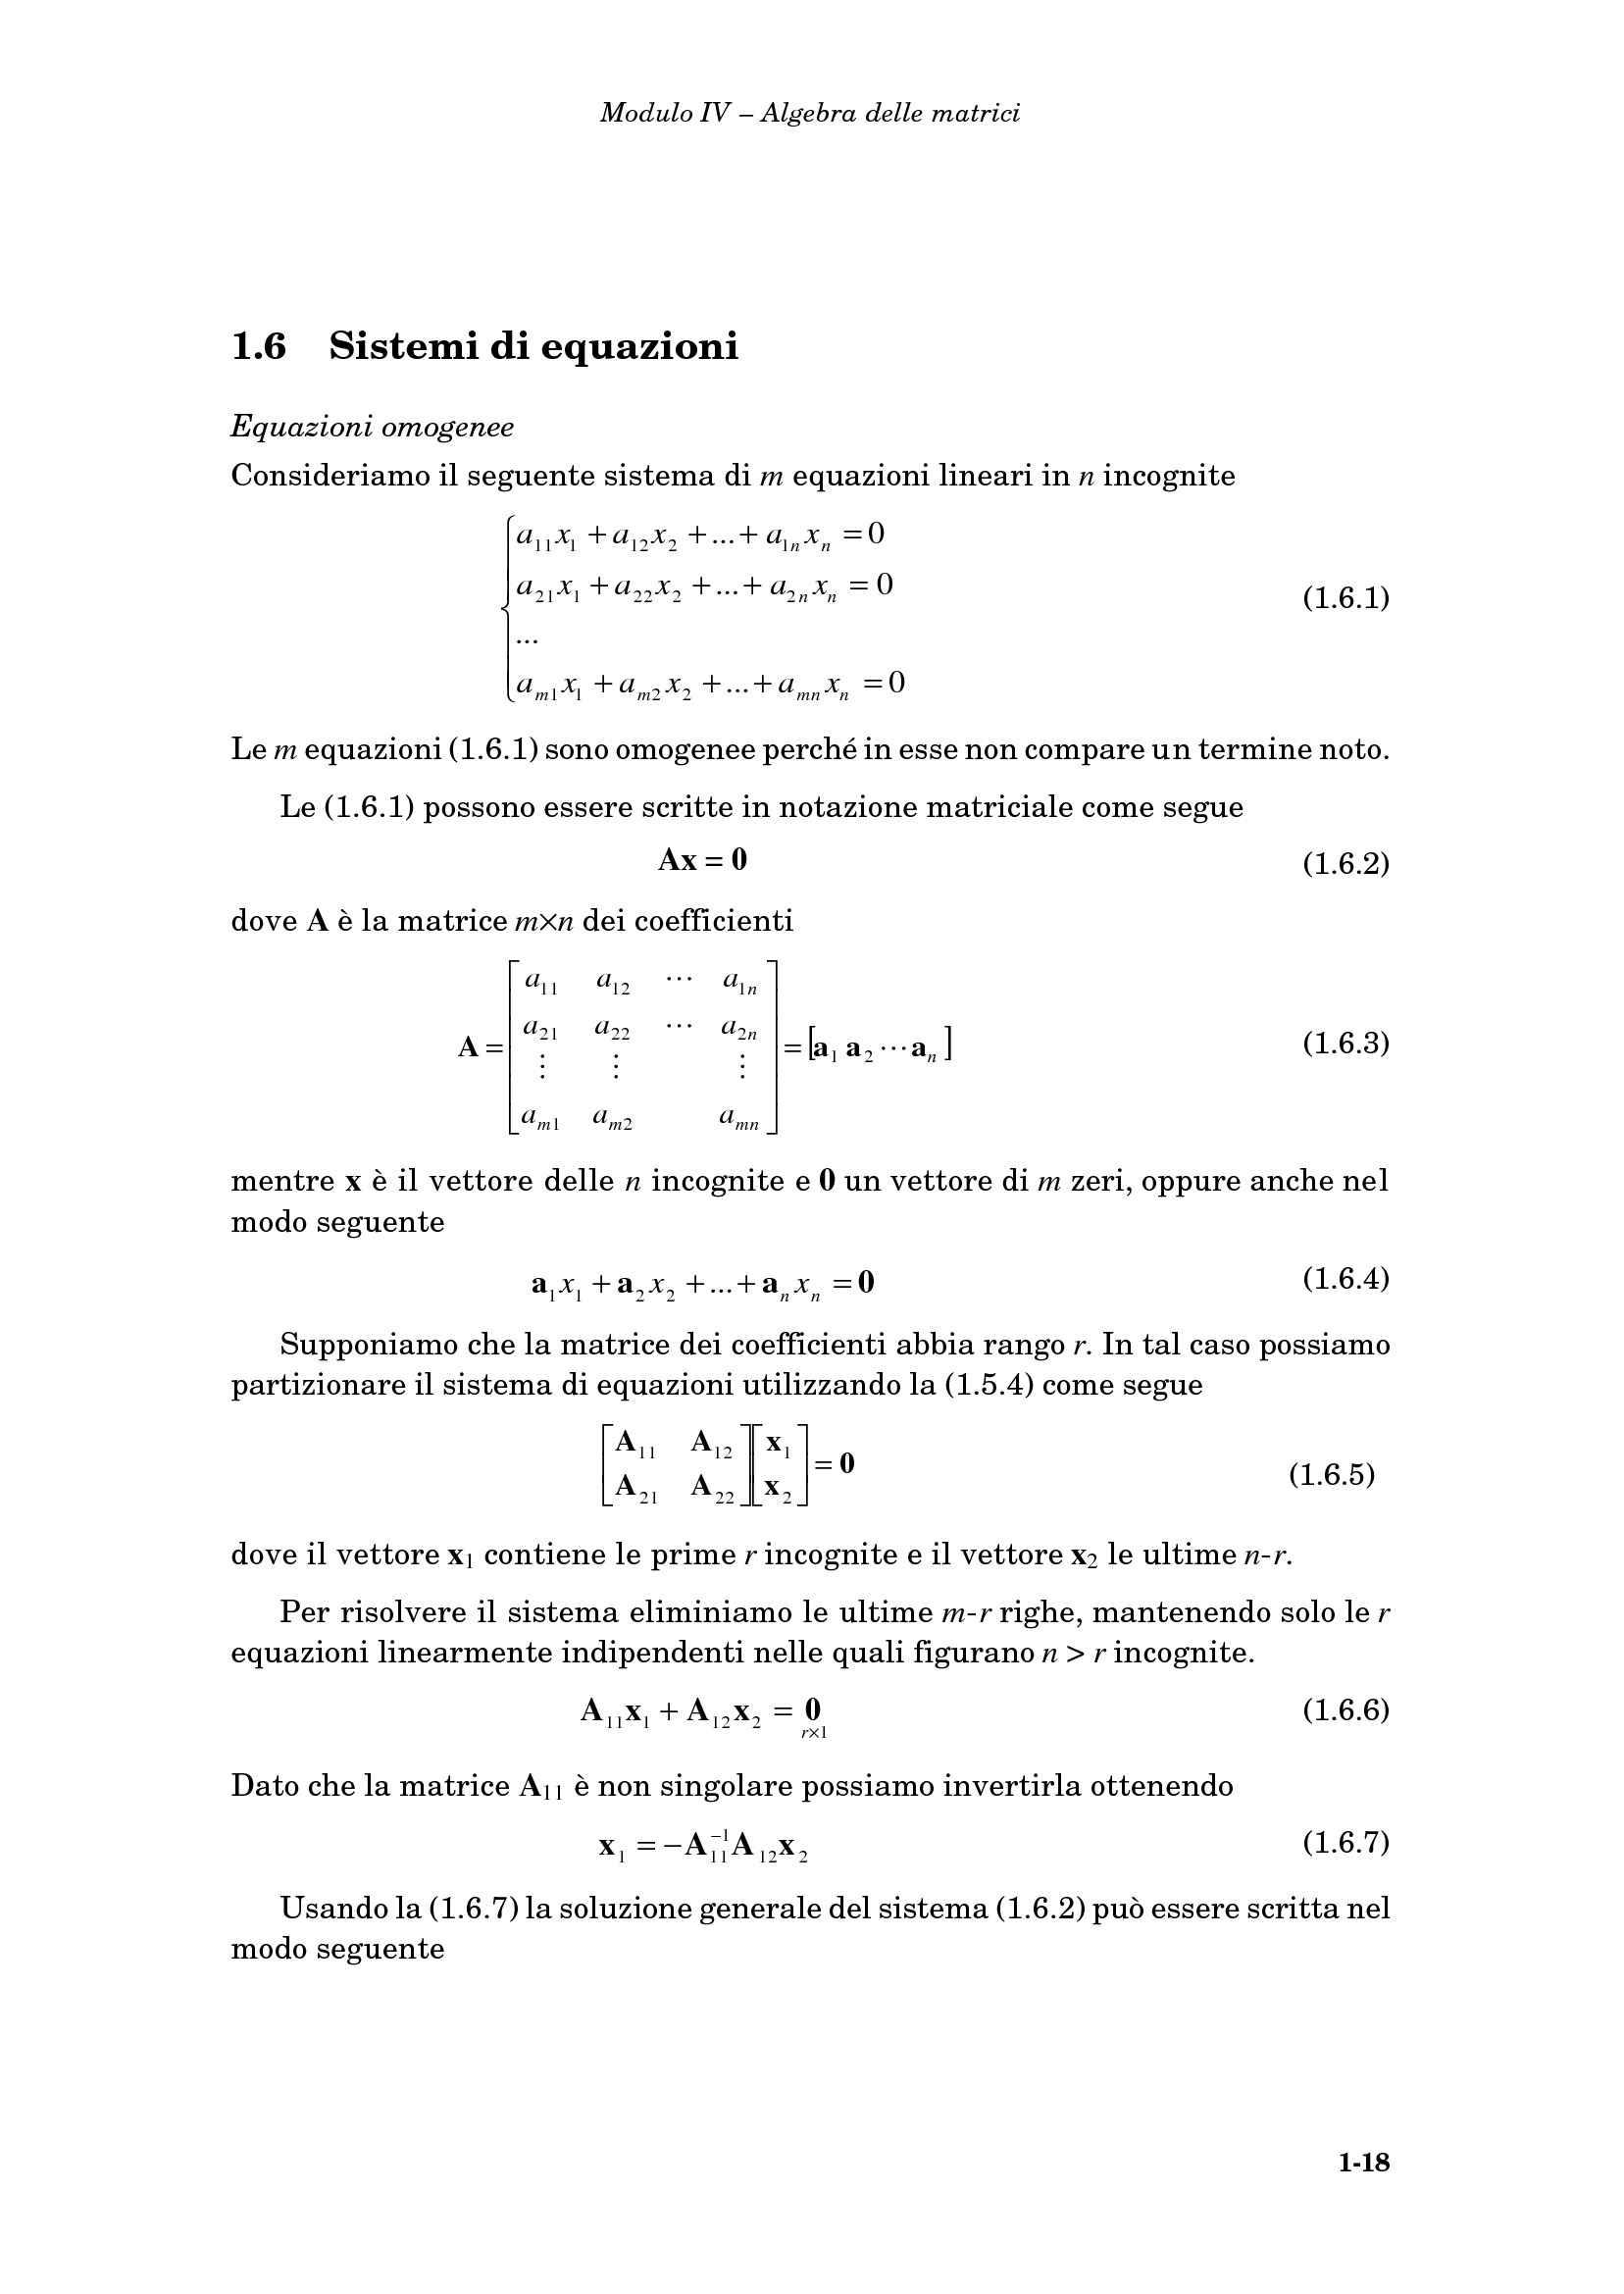 Sistemi di equazioni